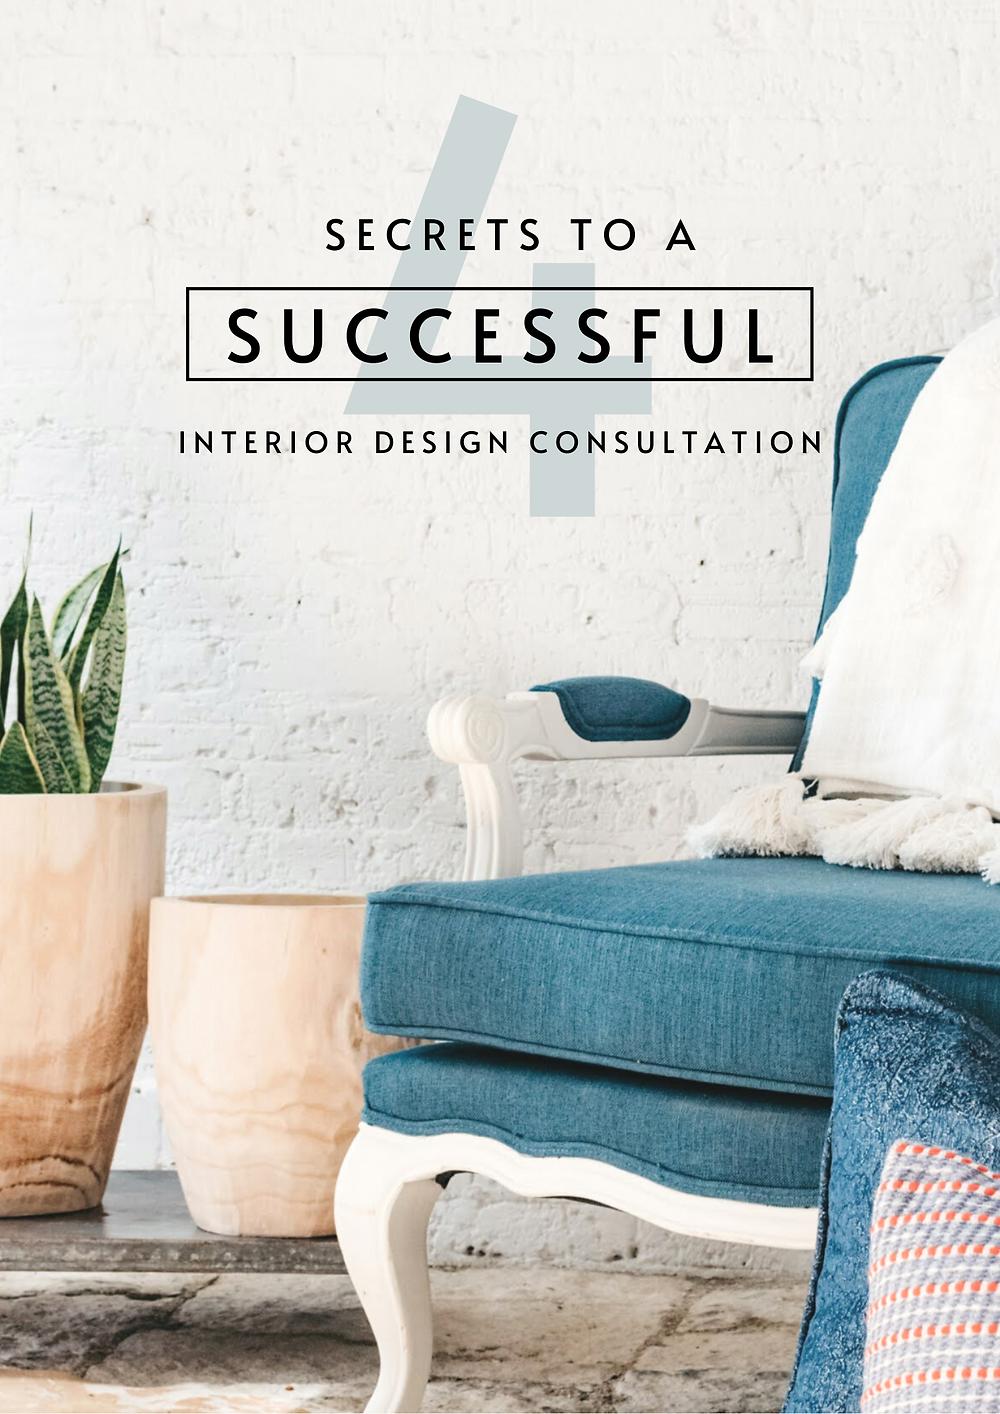 4 Secrets To A Successful Interior Design Consultation